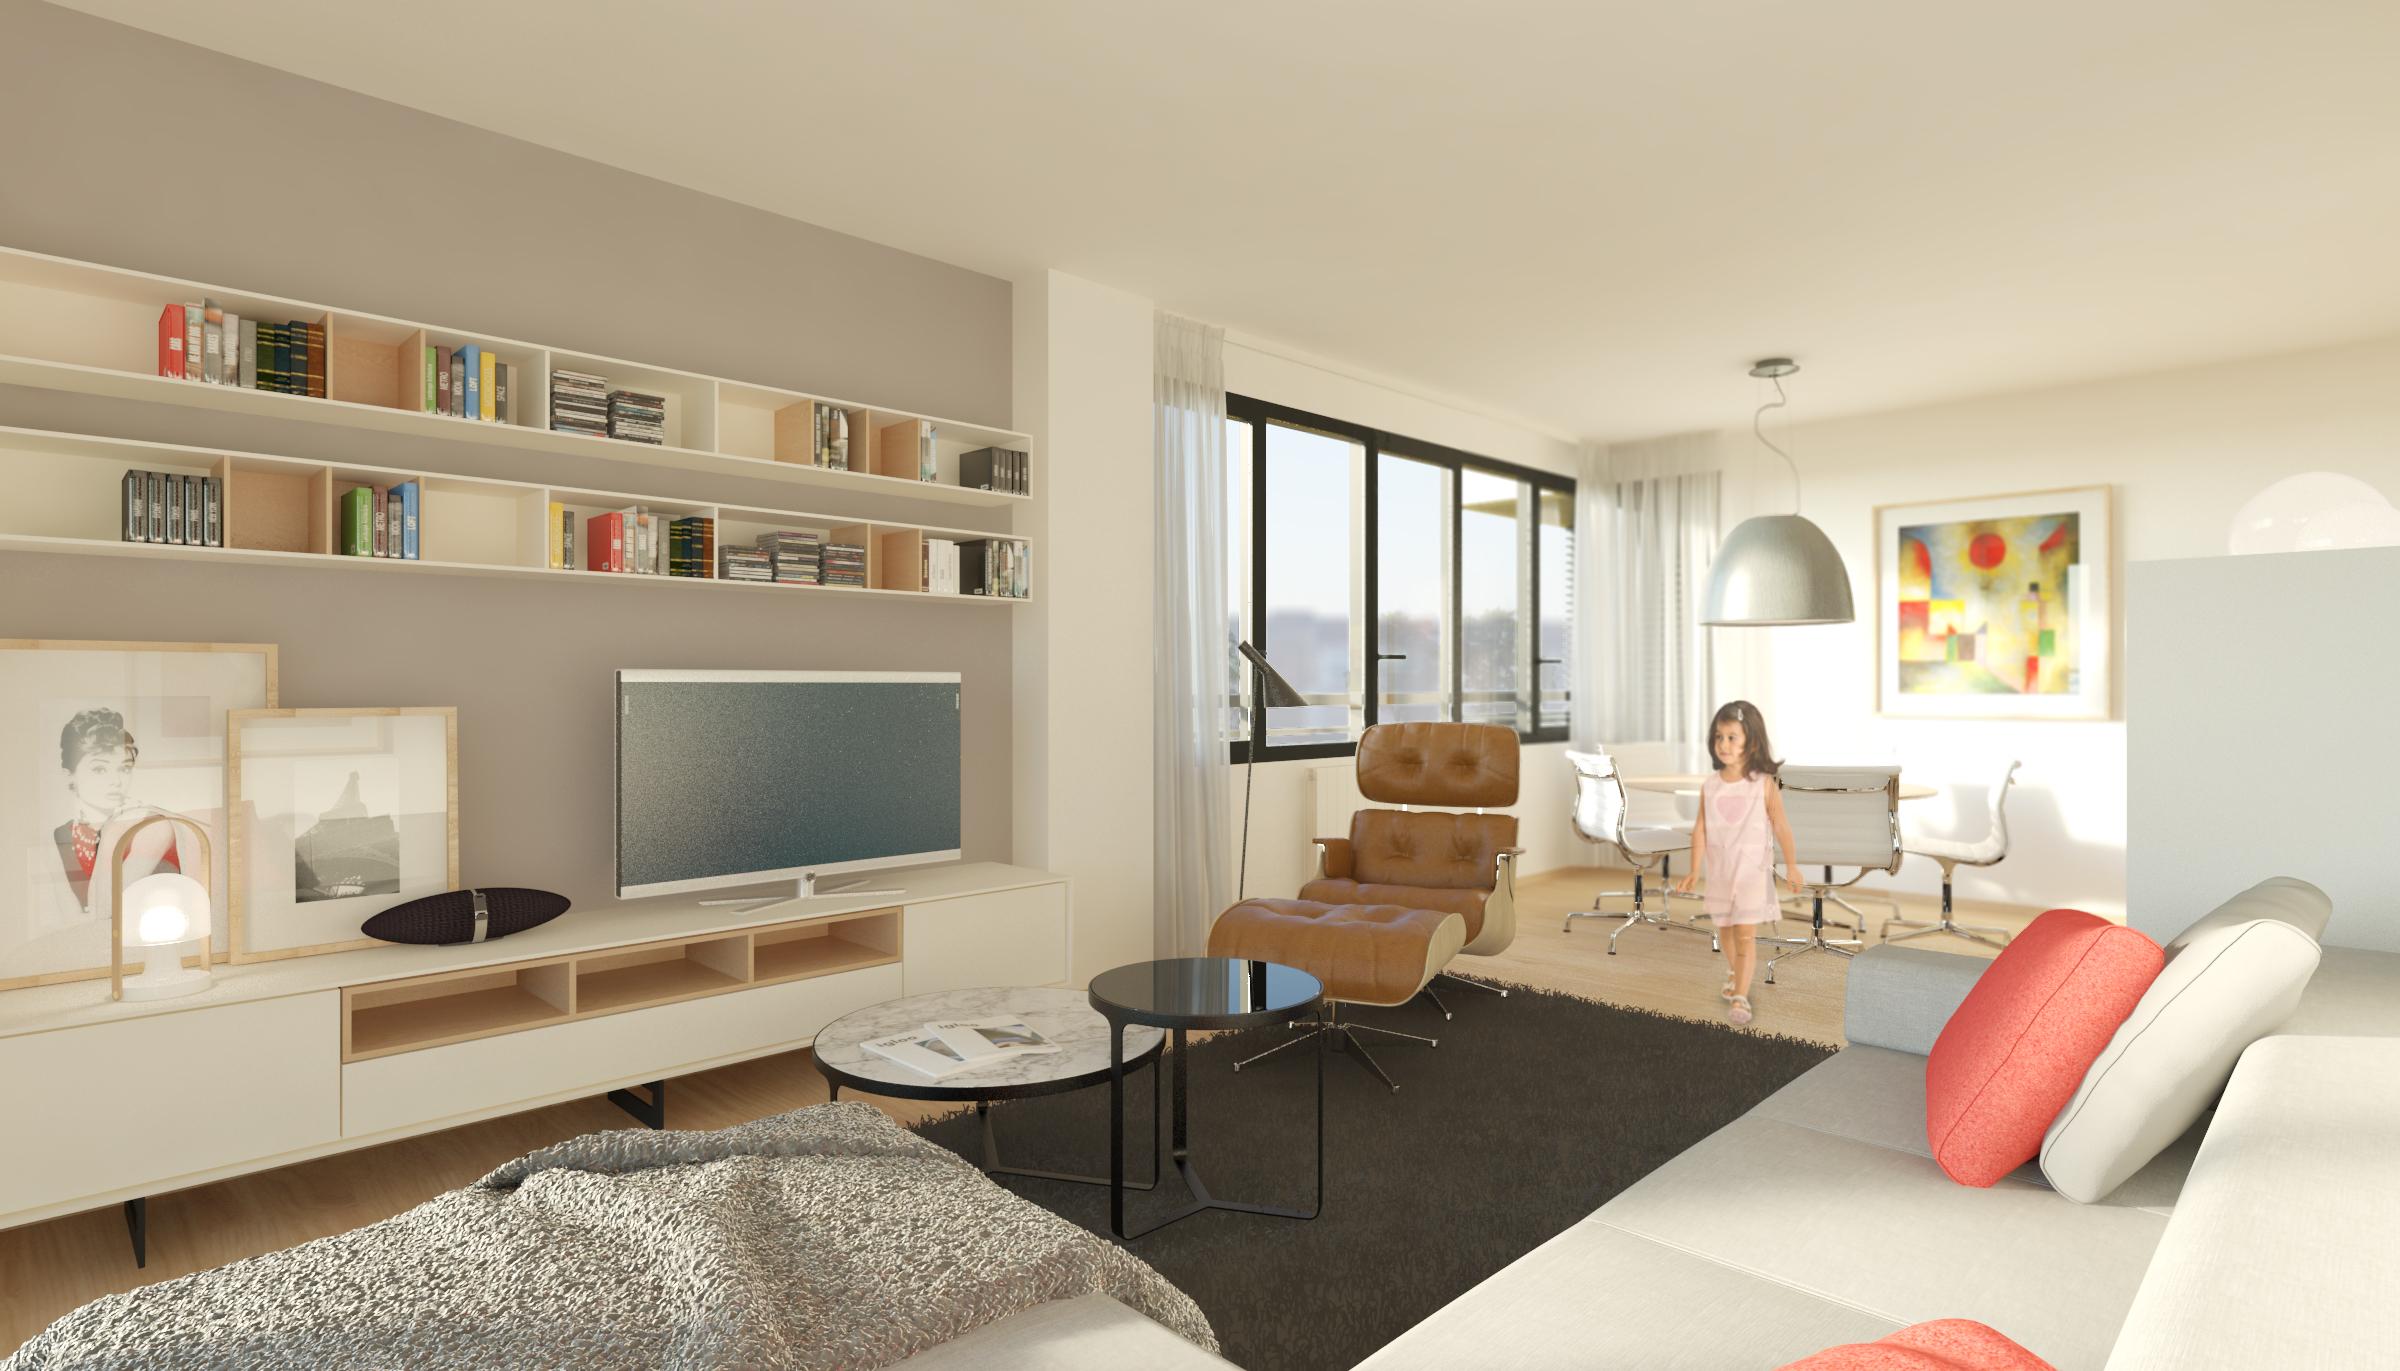 salon 04 dormitorios